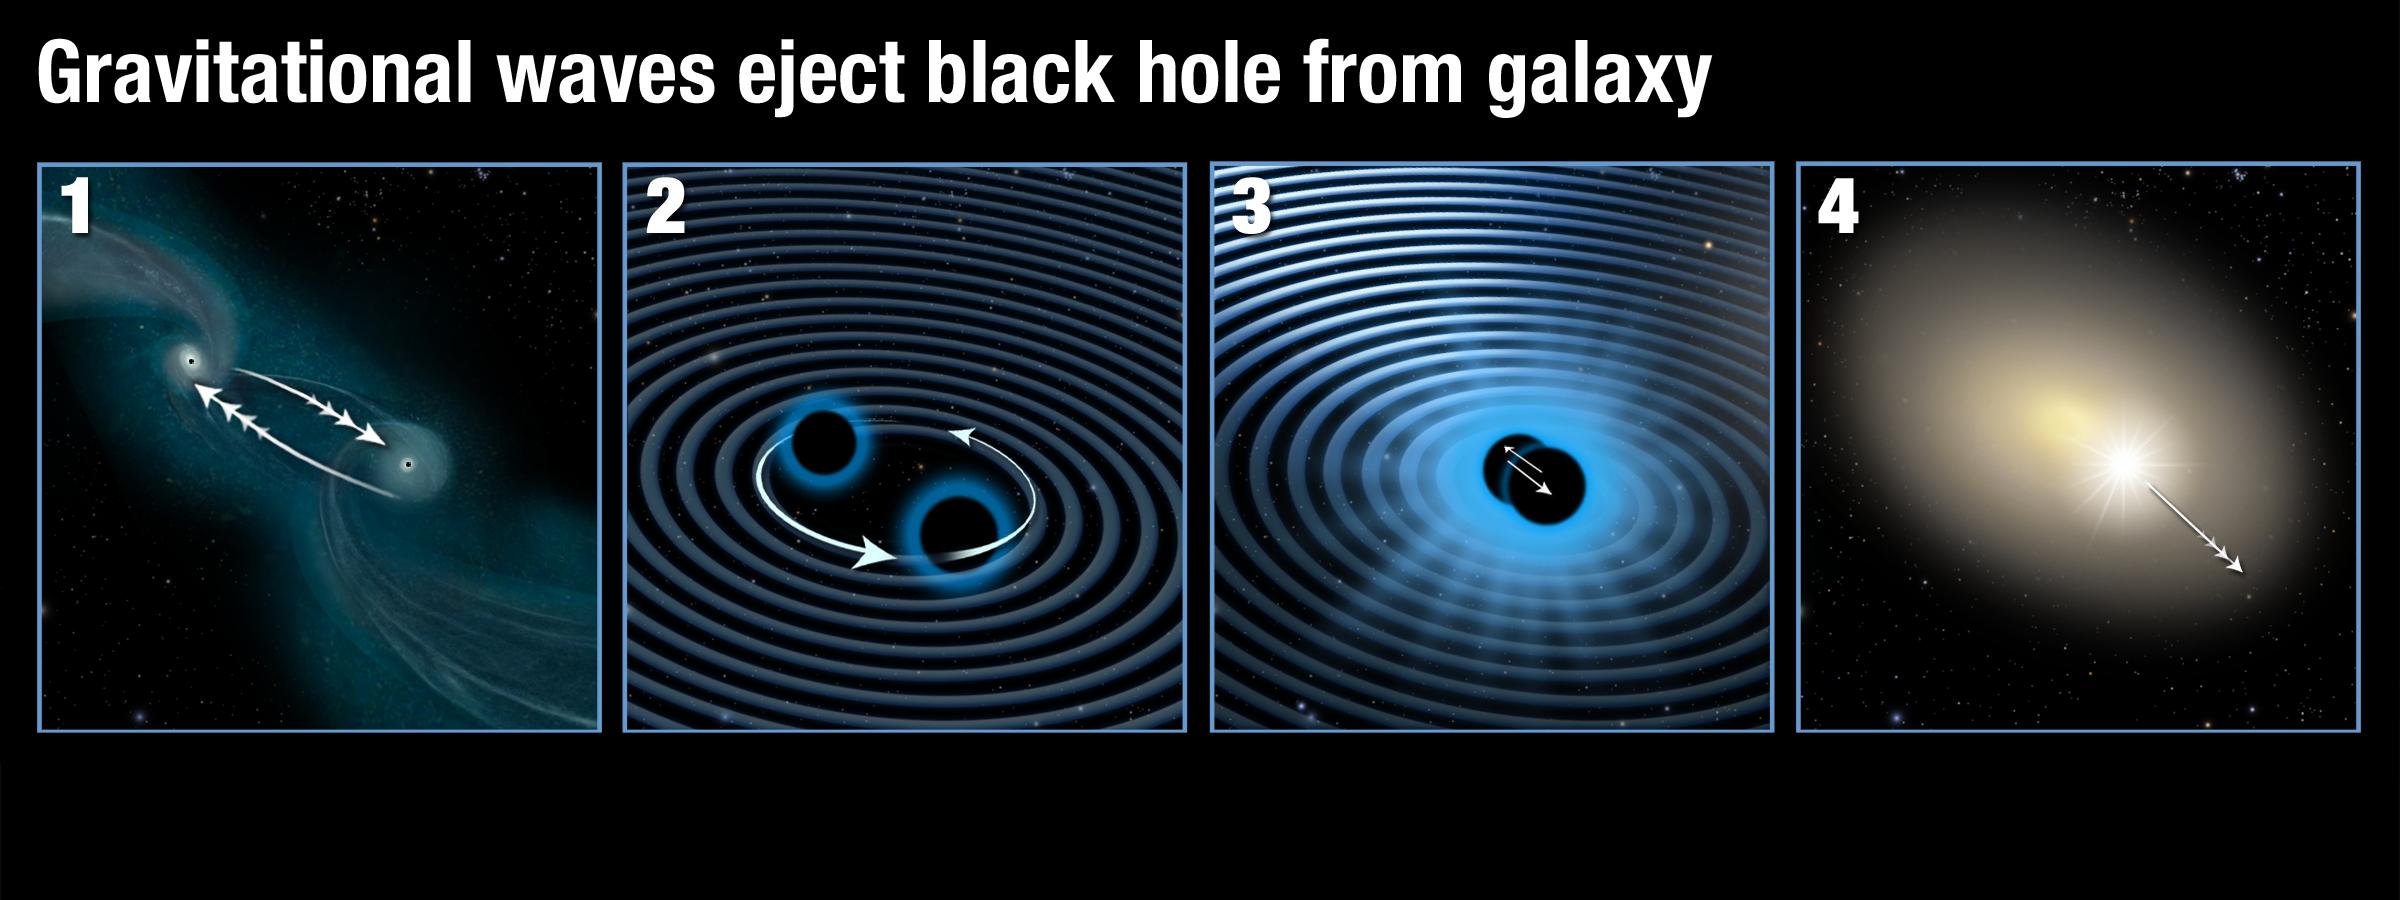 Jak vykopnout supermasivní černou díru zgalaxie? Kredit: NASA, ESA, and A. Feild (STScI).